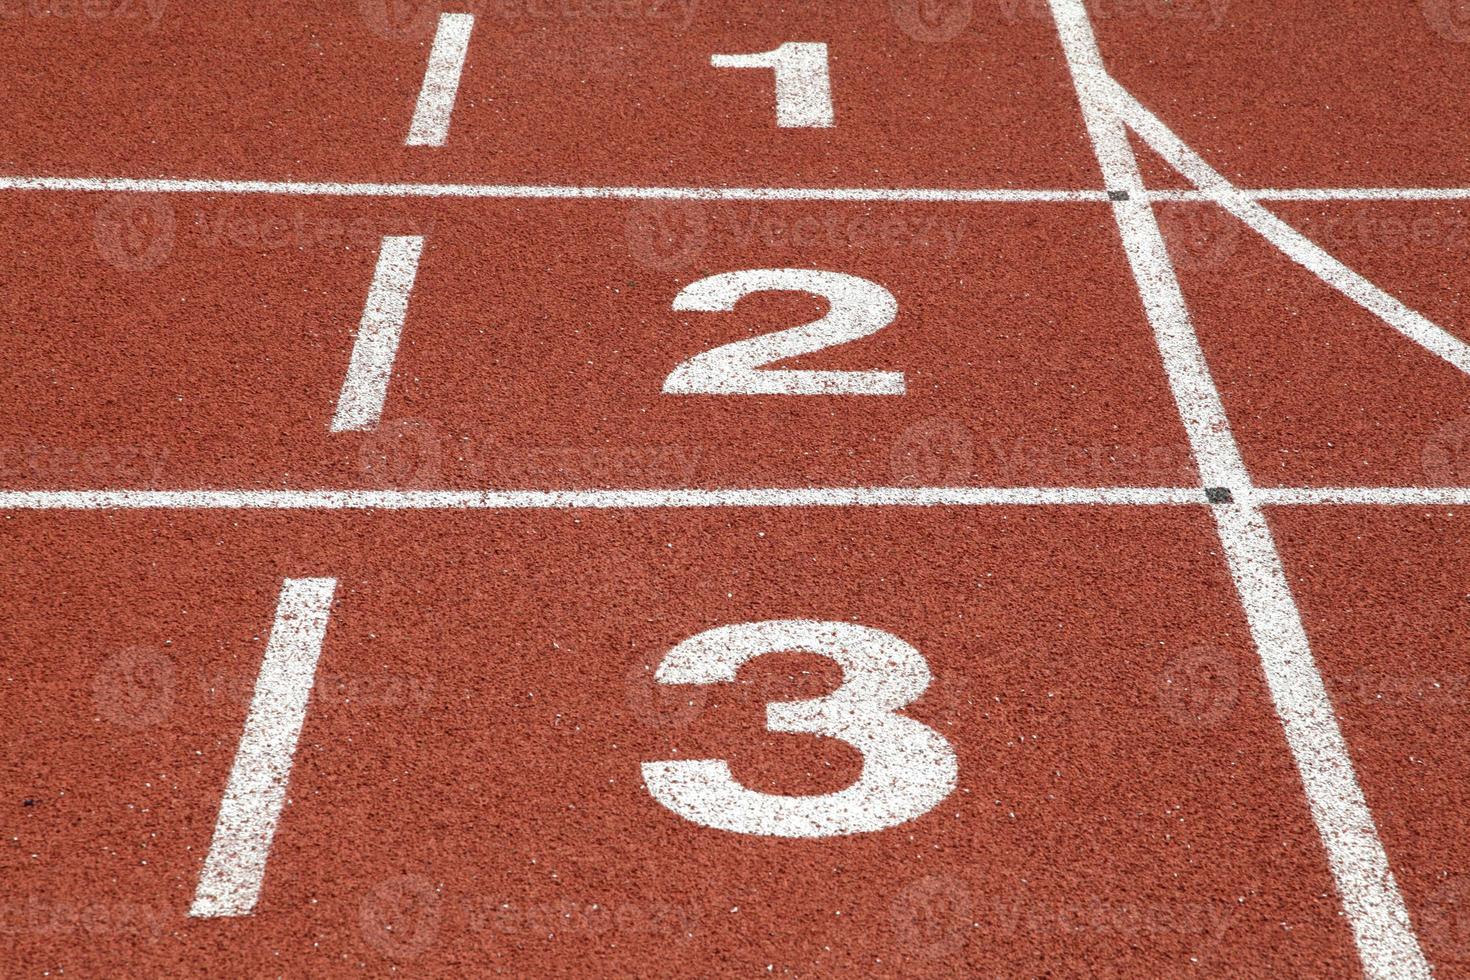 número 1 2 y 3 de la pista de carreras foto